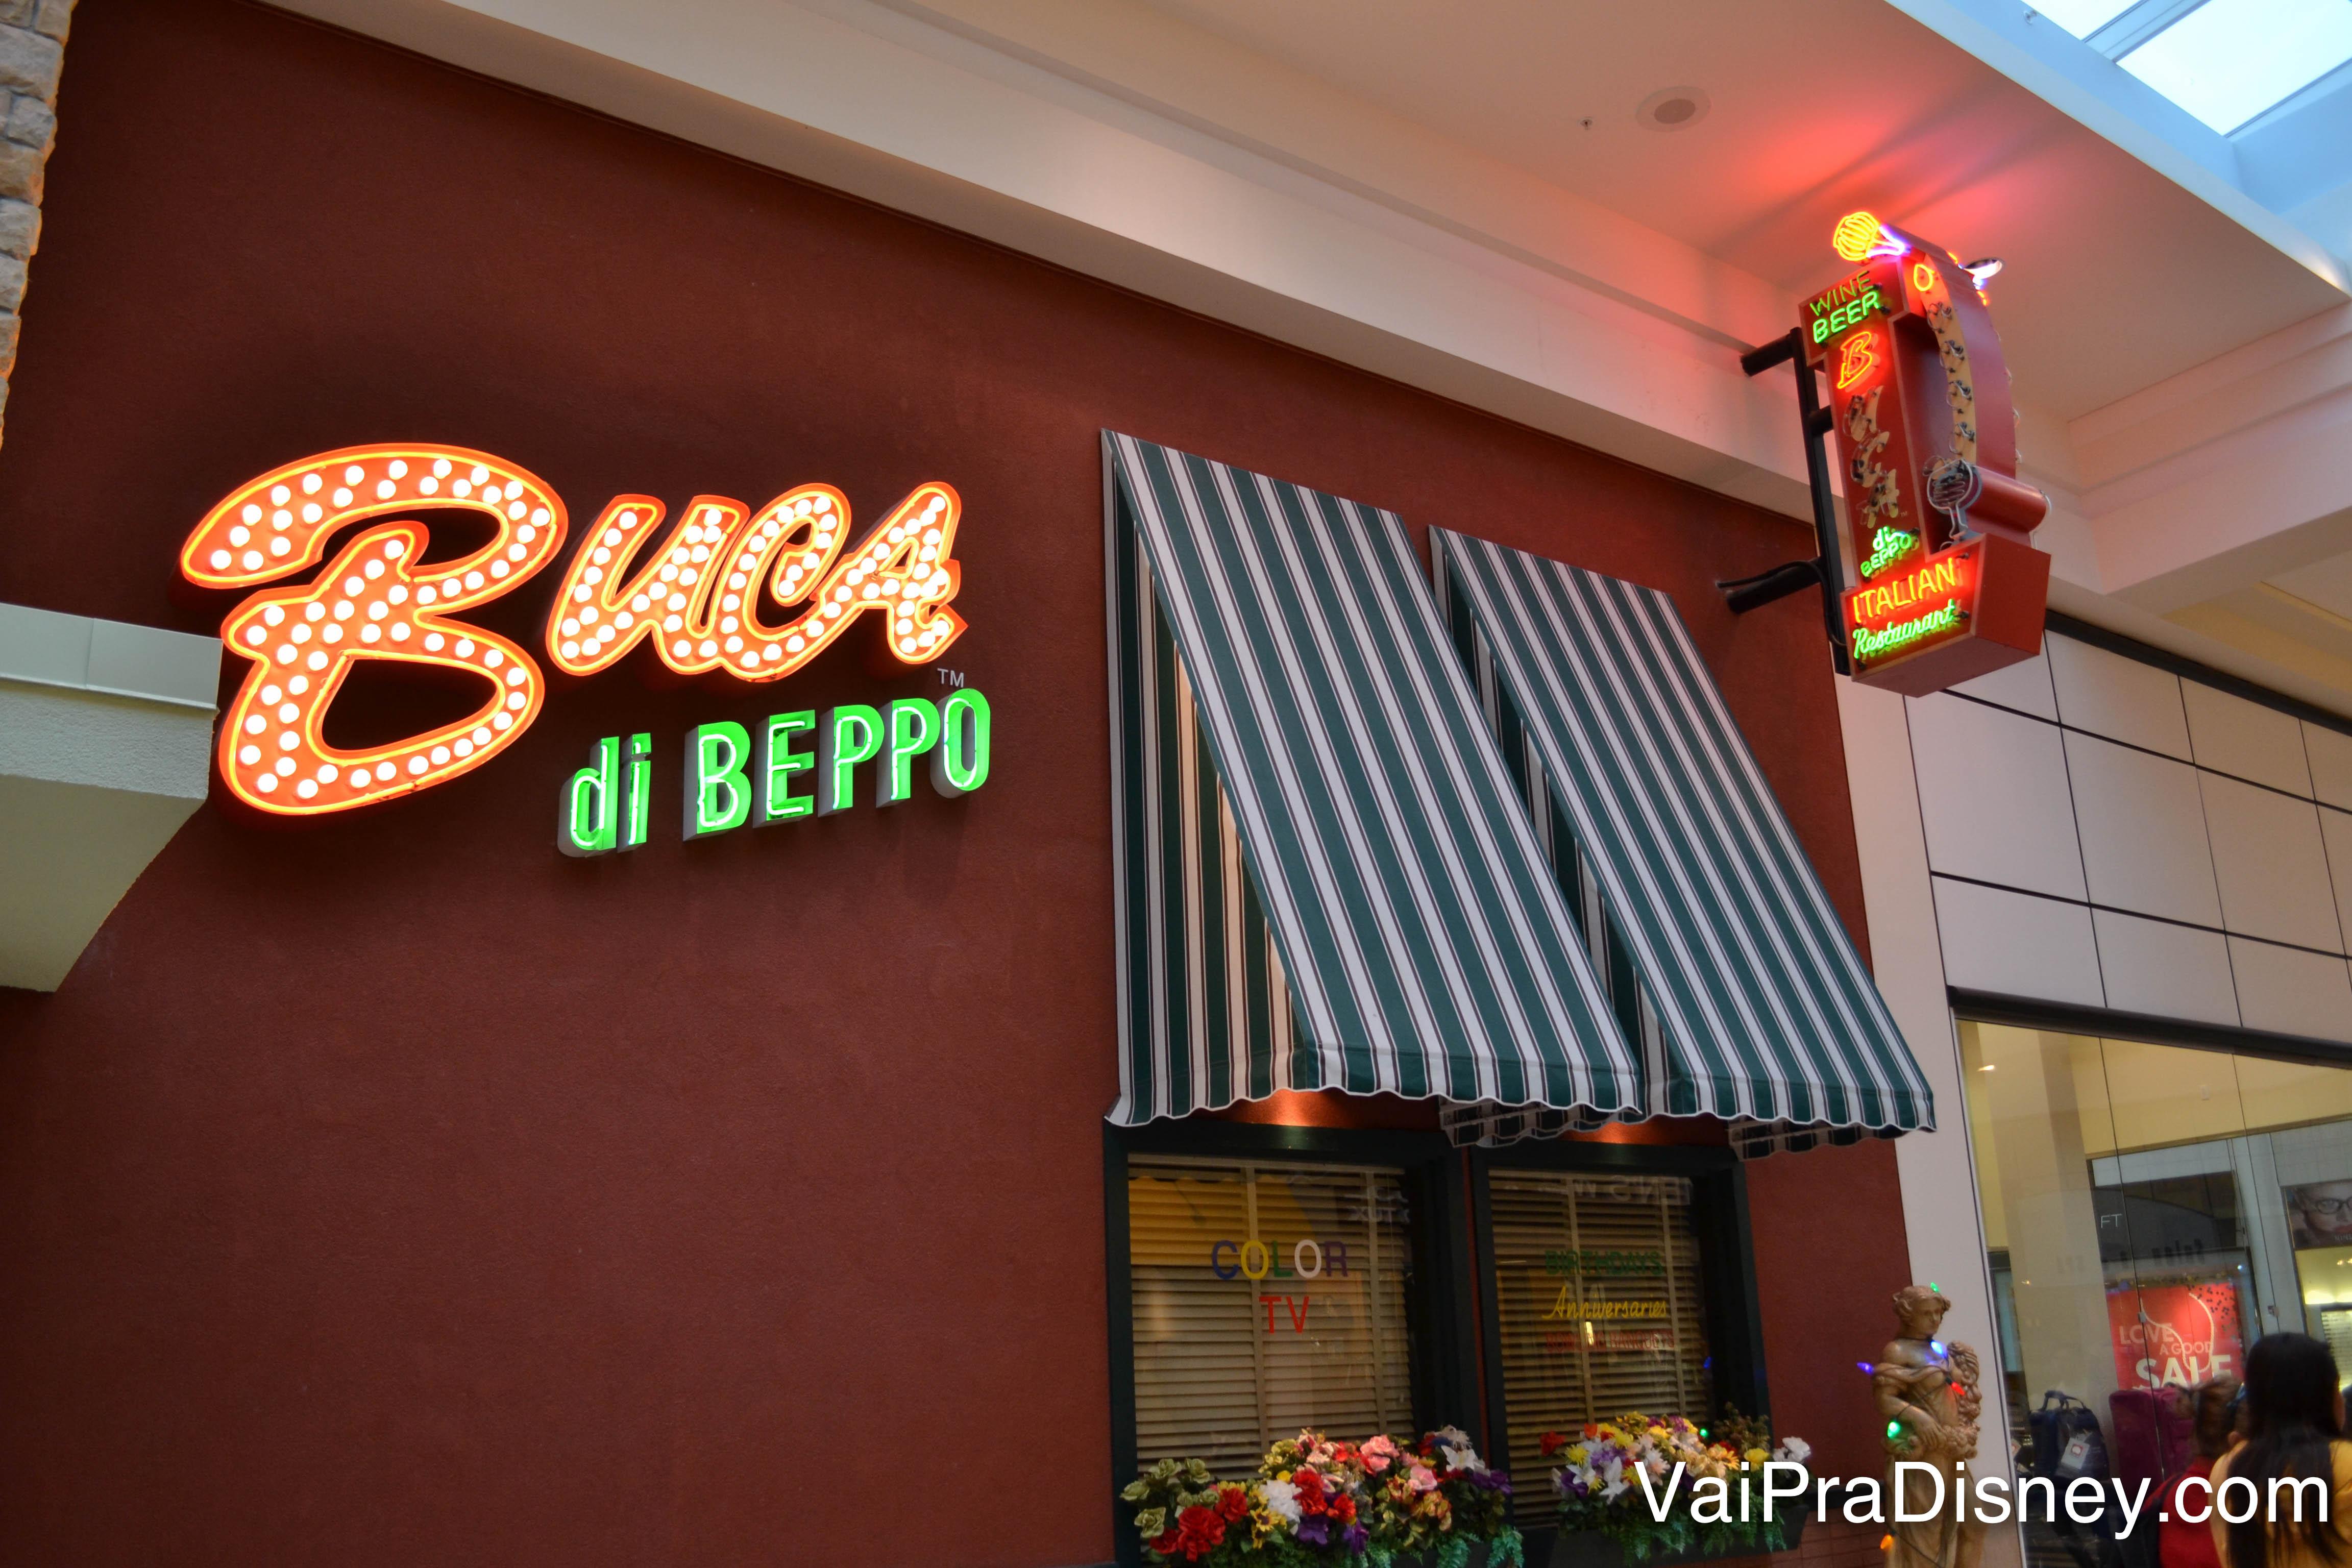 Foto da entrada do Buca di Beppo no Florida Mall, com o nome do restaurante em neon e toldos listrados em azul e branco